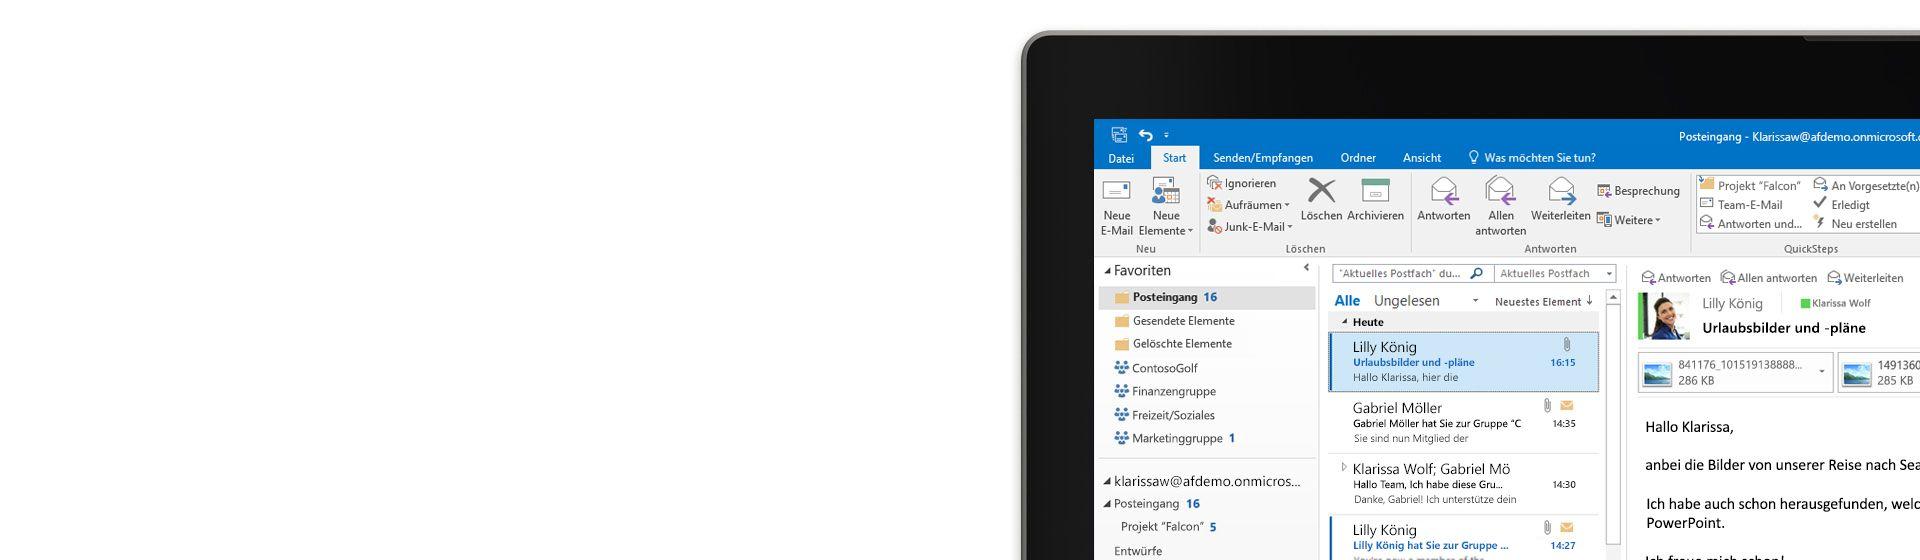 Microsoft Outlook auf einem Tablet mit einem geöffneten Nachrichtenvorschau-Fenster